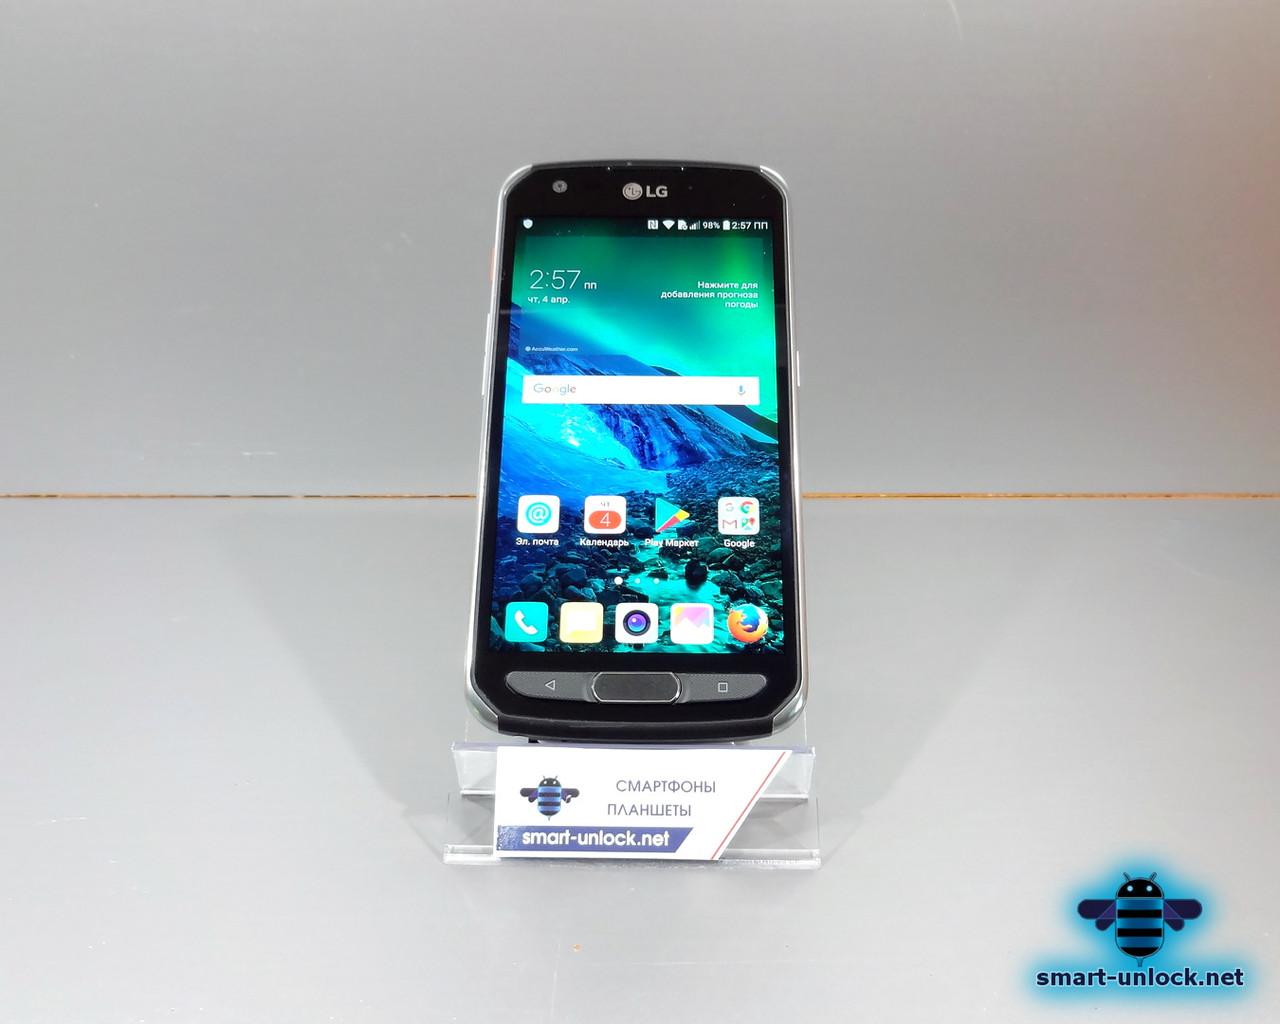 Телефон, смартфон LG X Venture Покупка без риска, гарантия!